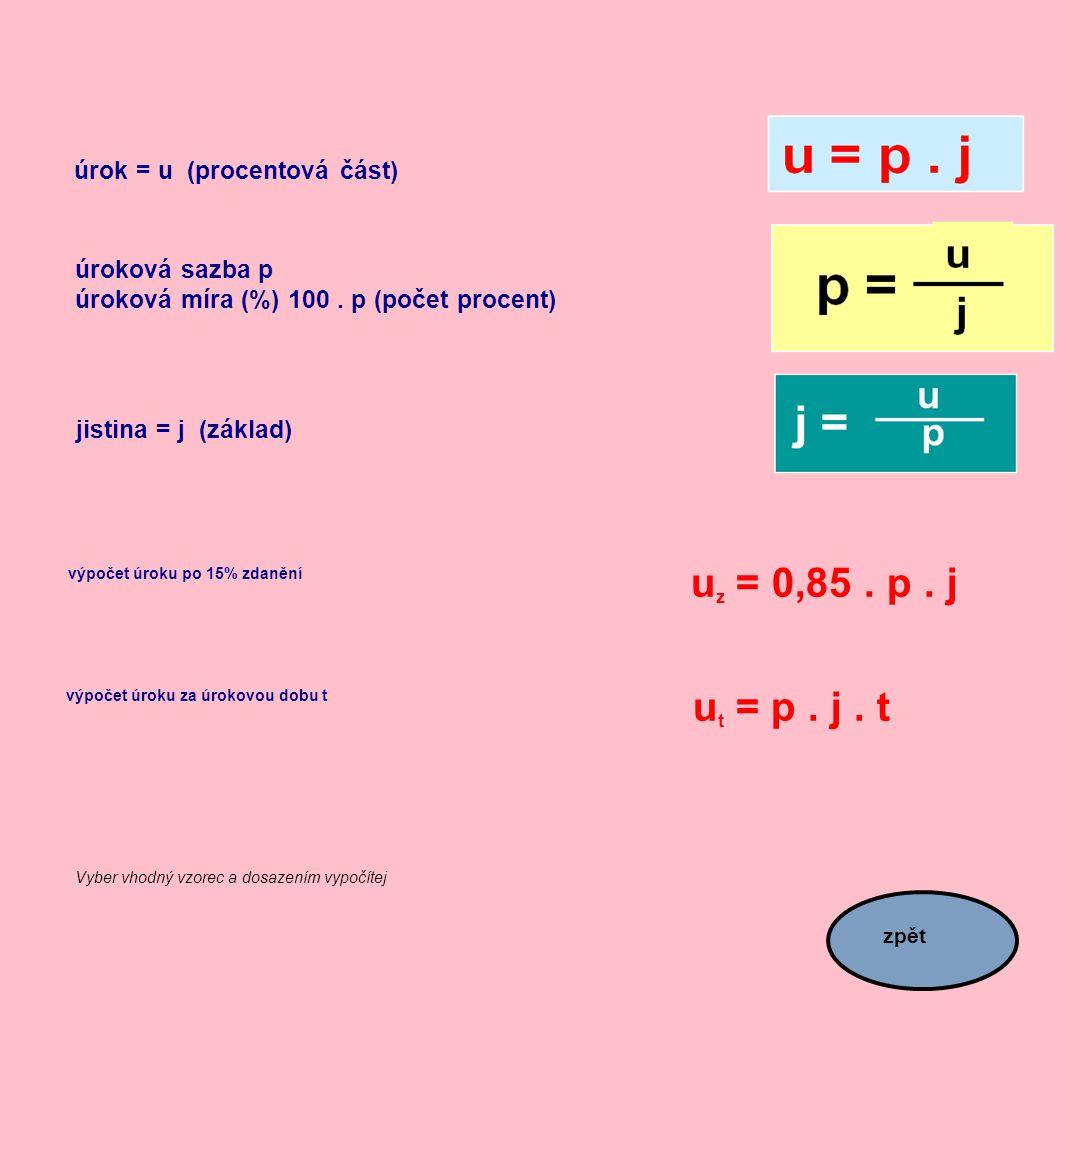 úrok = u (procentová část) úroková sazba p úroková míra (%) 100. p (počet procent) jistina = j (základ) výpočet úroku po 15% zdanění u z = 0,85. p. j